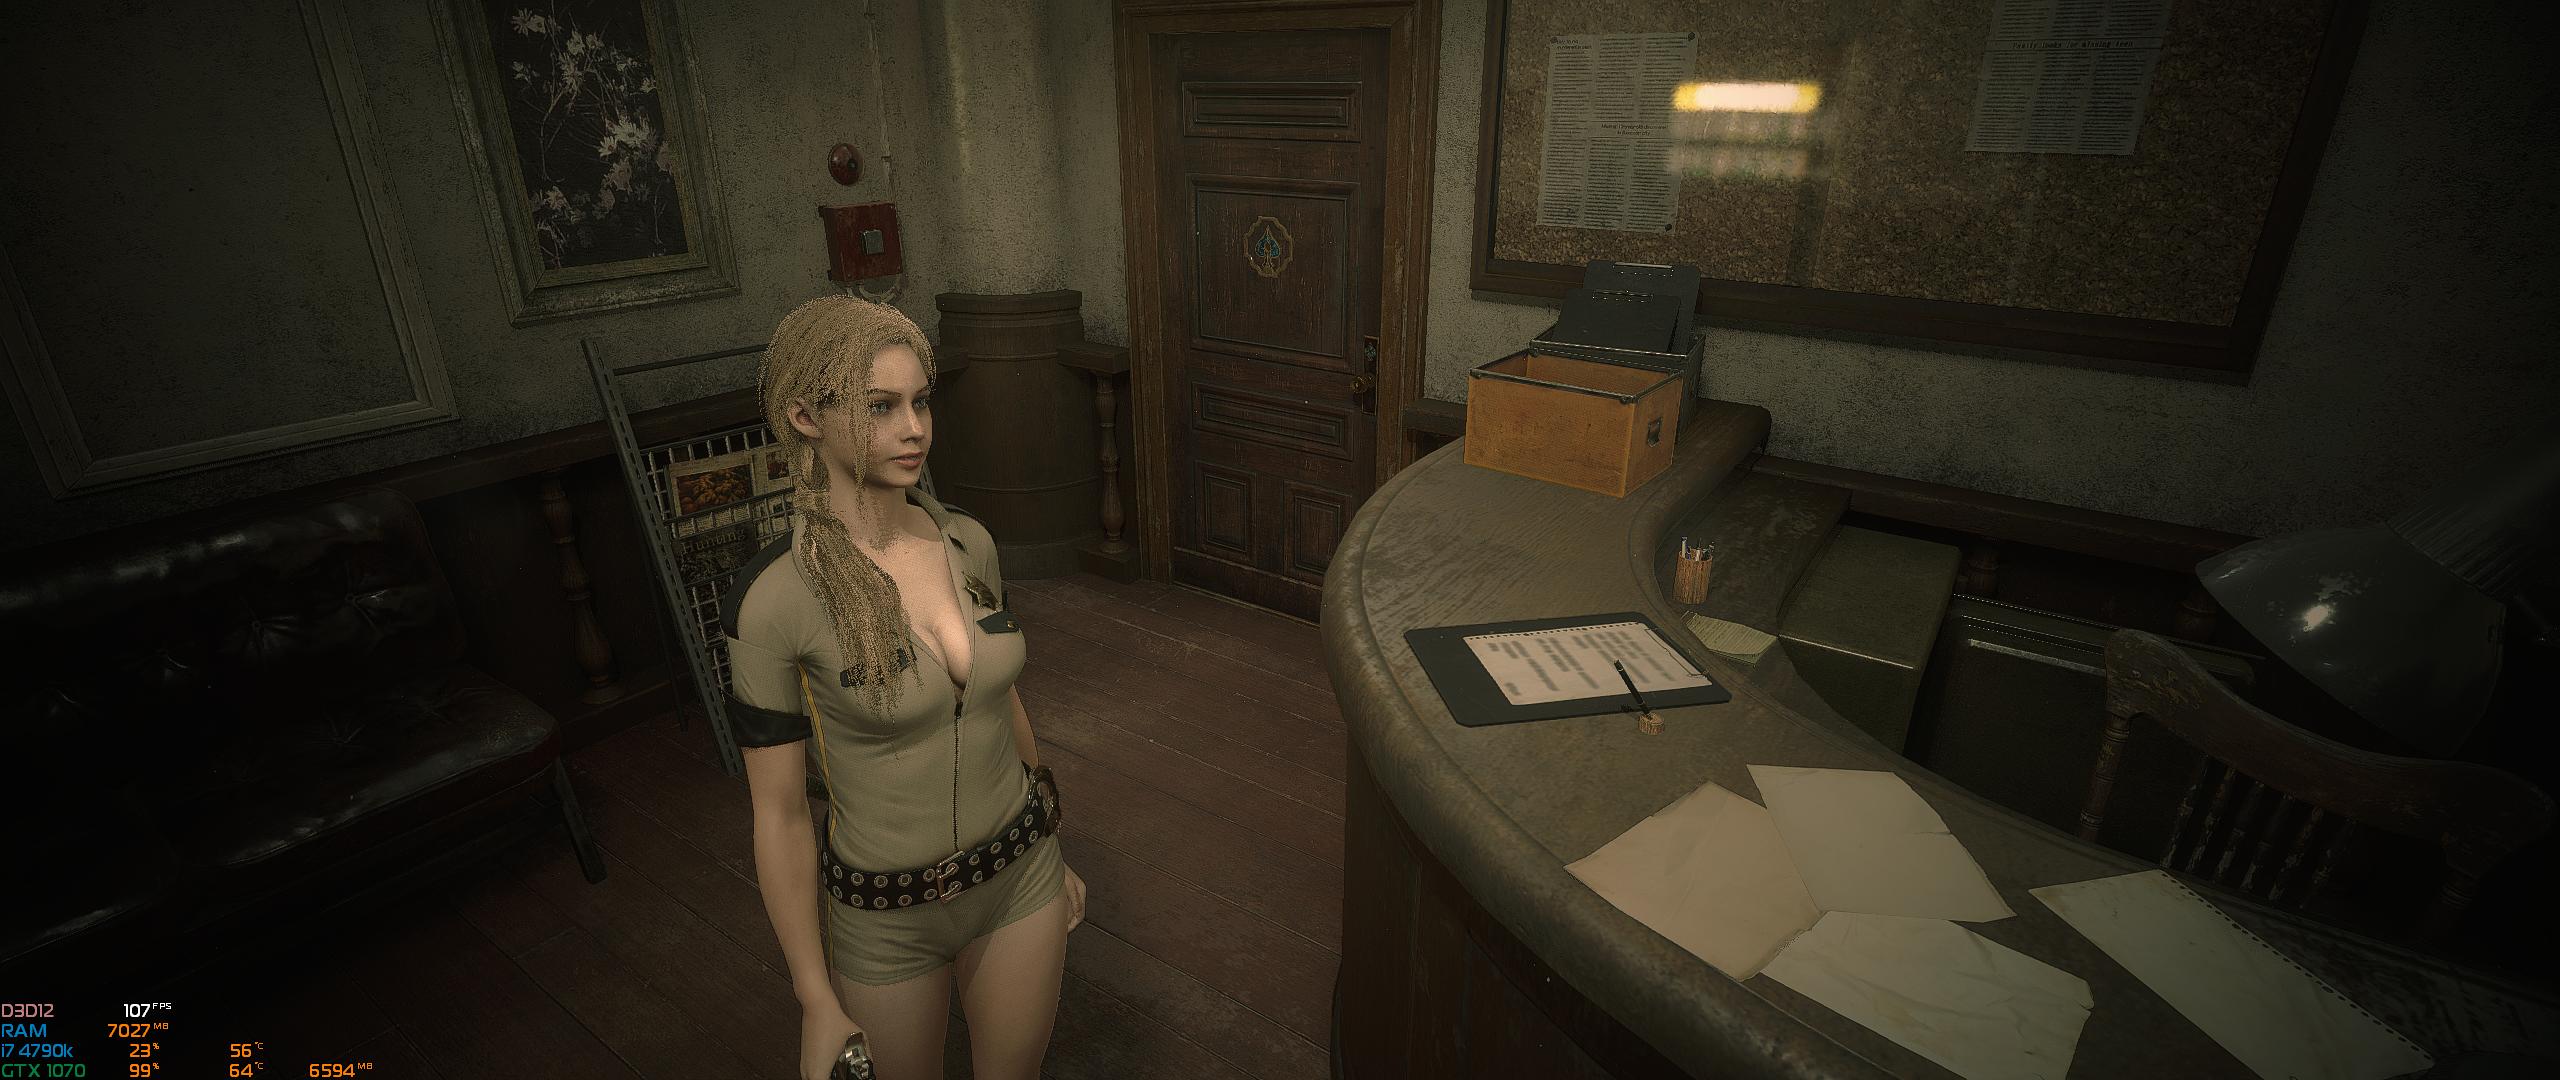 Resident Evil 2   Biohazard 2 Screenshot 2019.03.30 - 16.40.06.52.png - Resident Evil 2